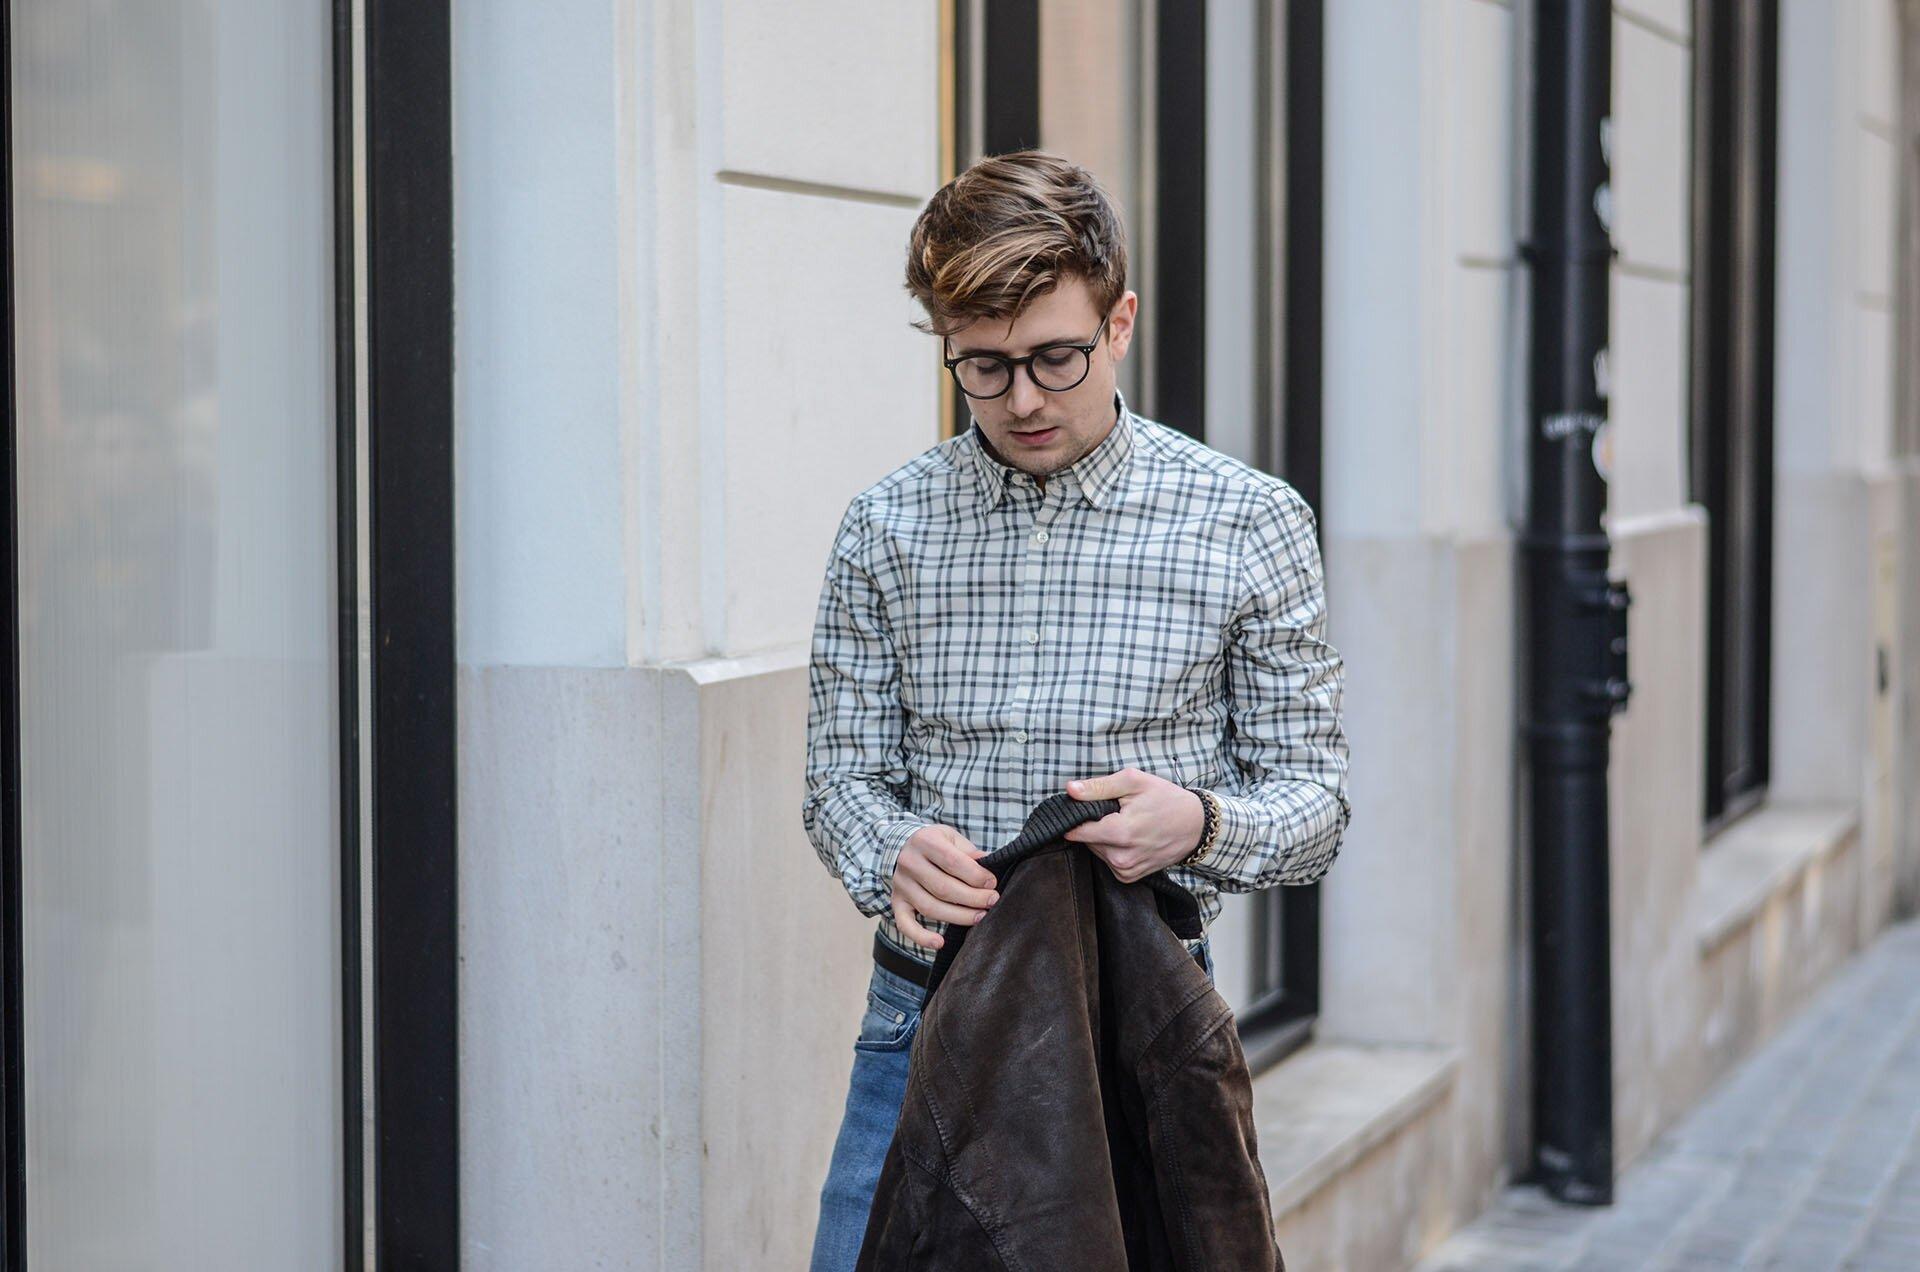 Koszula w kratę męska, Męskiej jeansy, Skarpety Happy Socks męskie, Bransoletki She&He Męskie